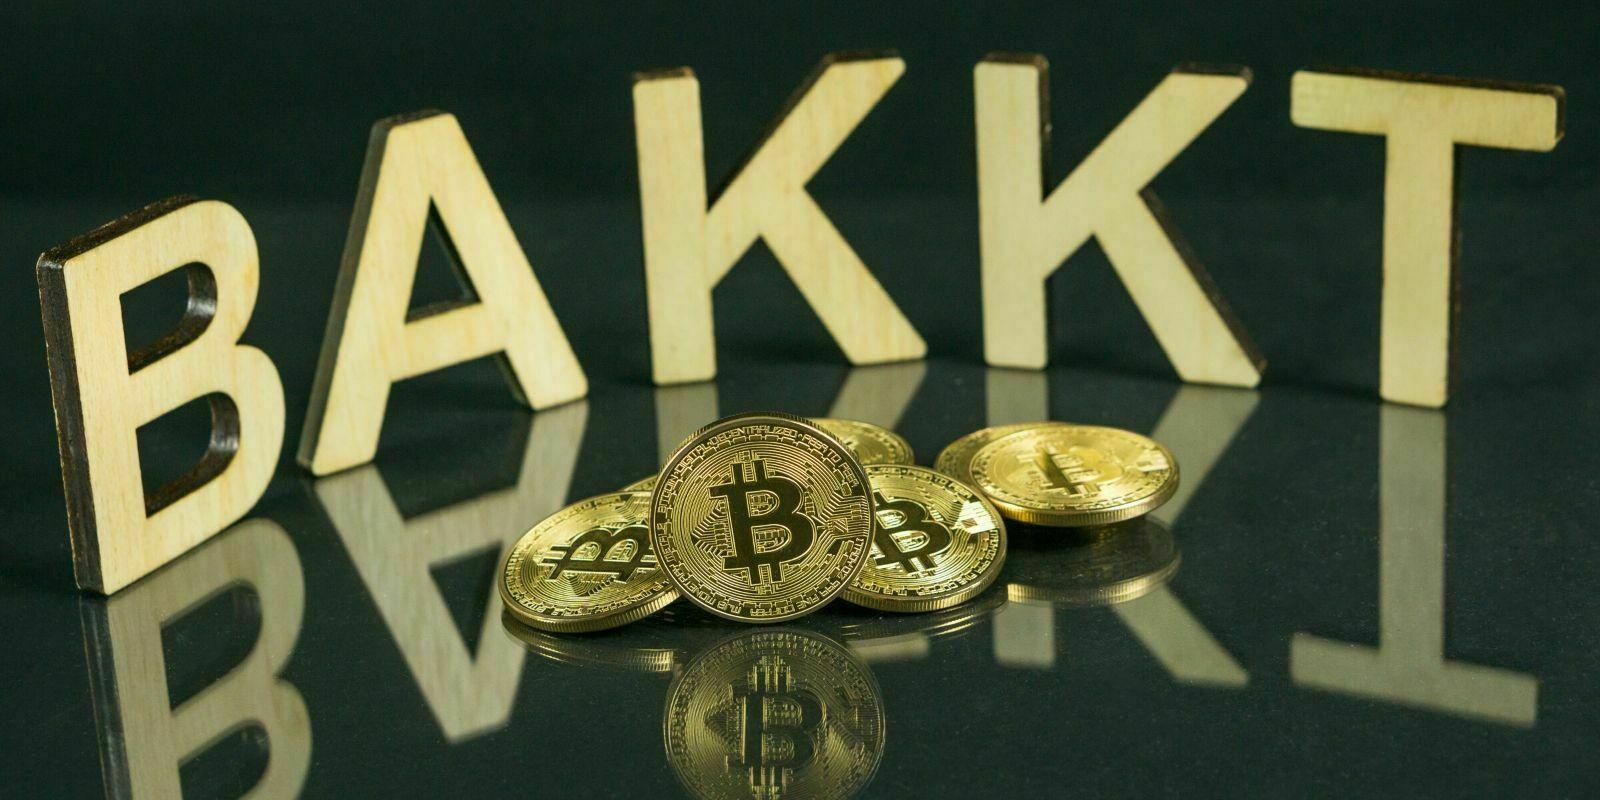 Les volumes de Bakkt atteignent de nouveaux sommets après la récente baisse du Bitcoin